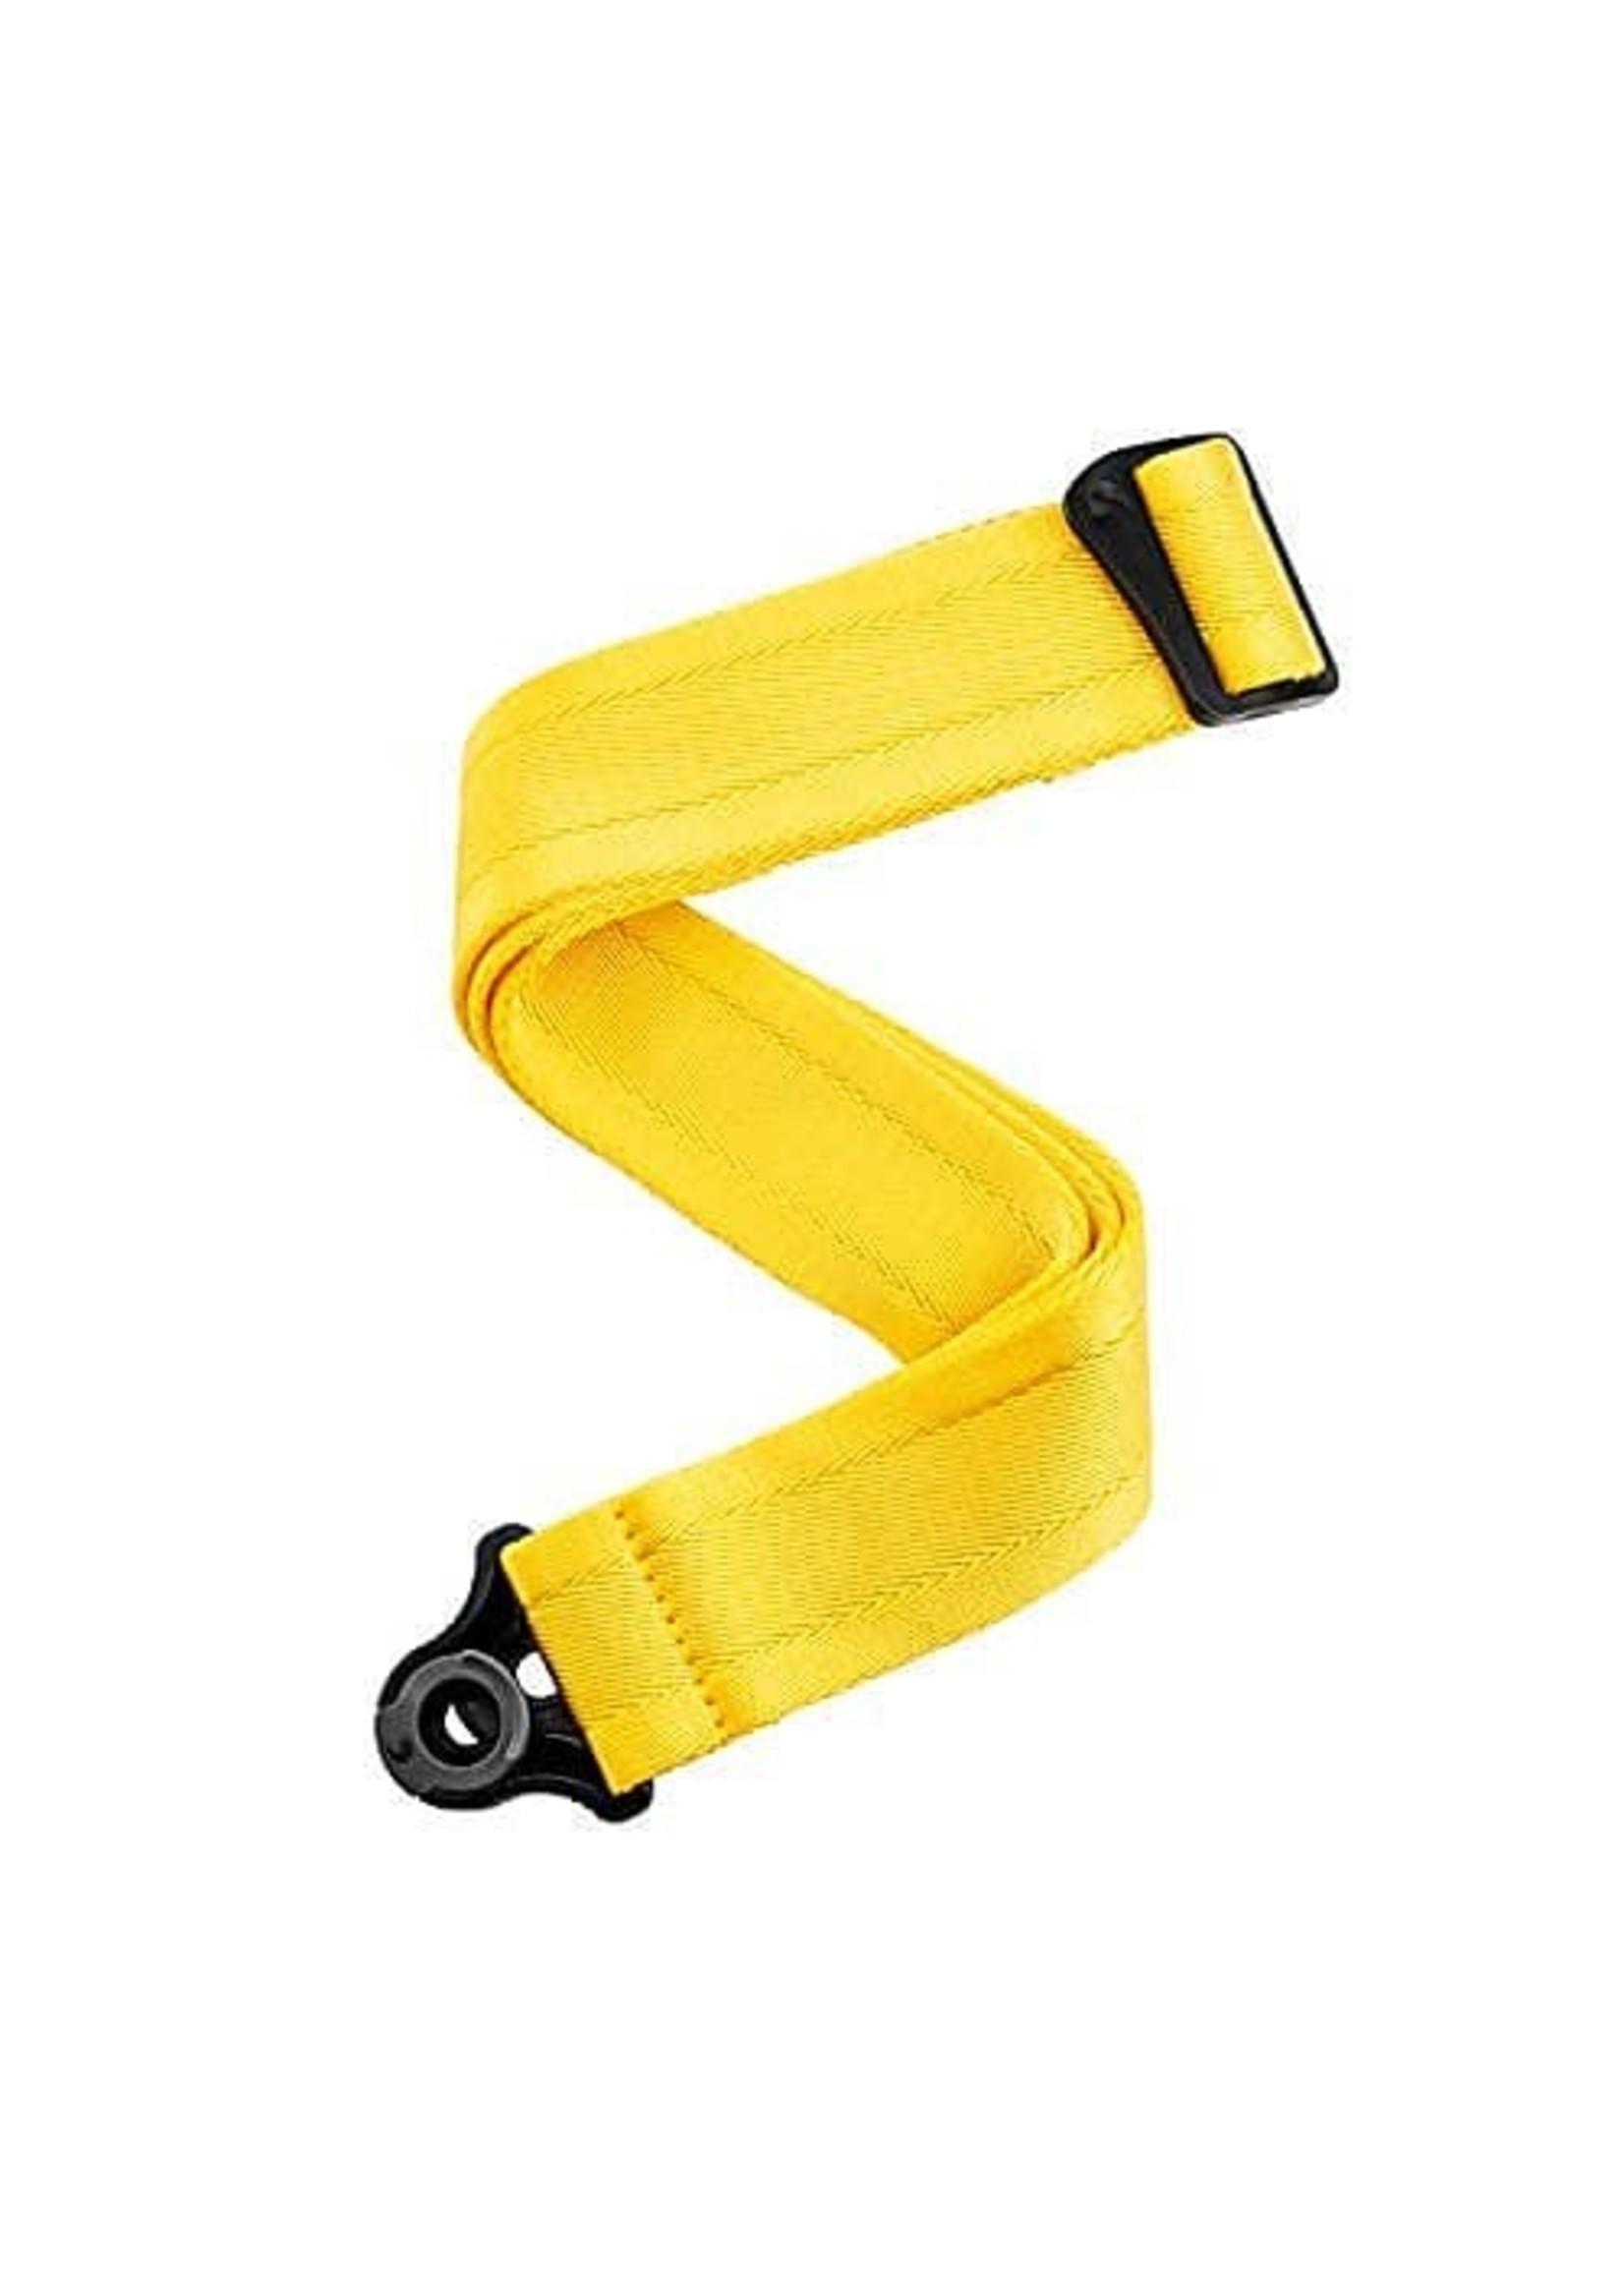 D'Addario D'Addario Auto Lock Guitar Strap-Mellow Yellow